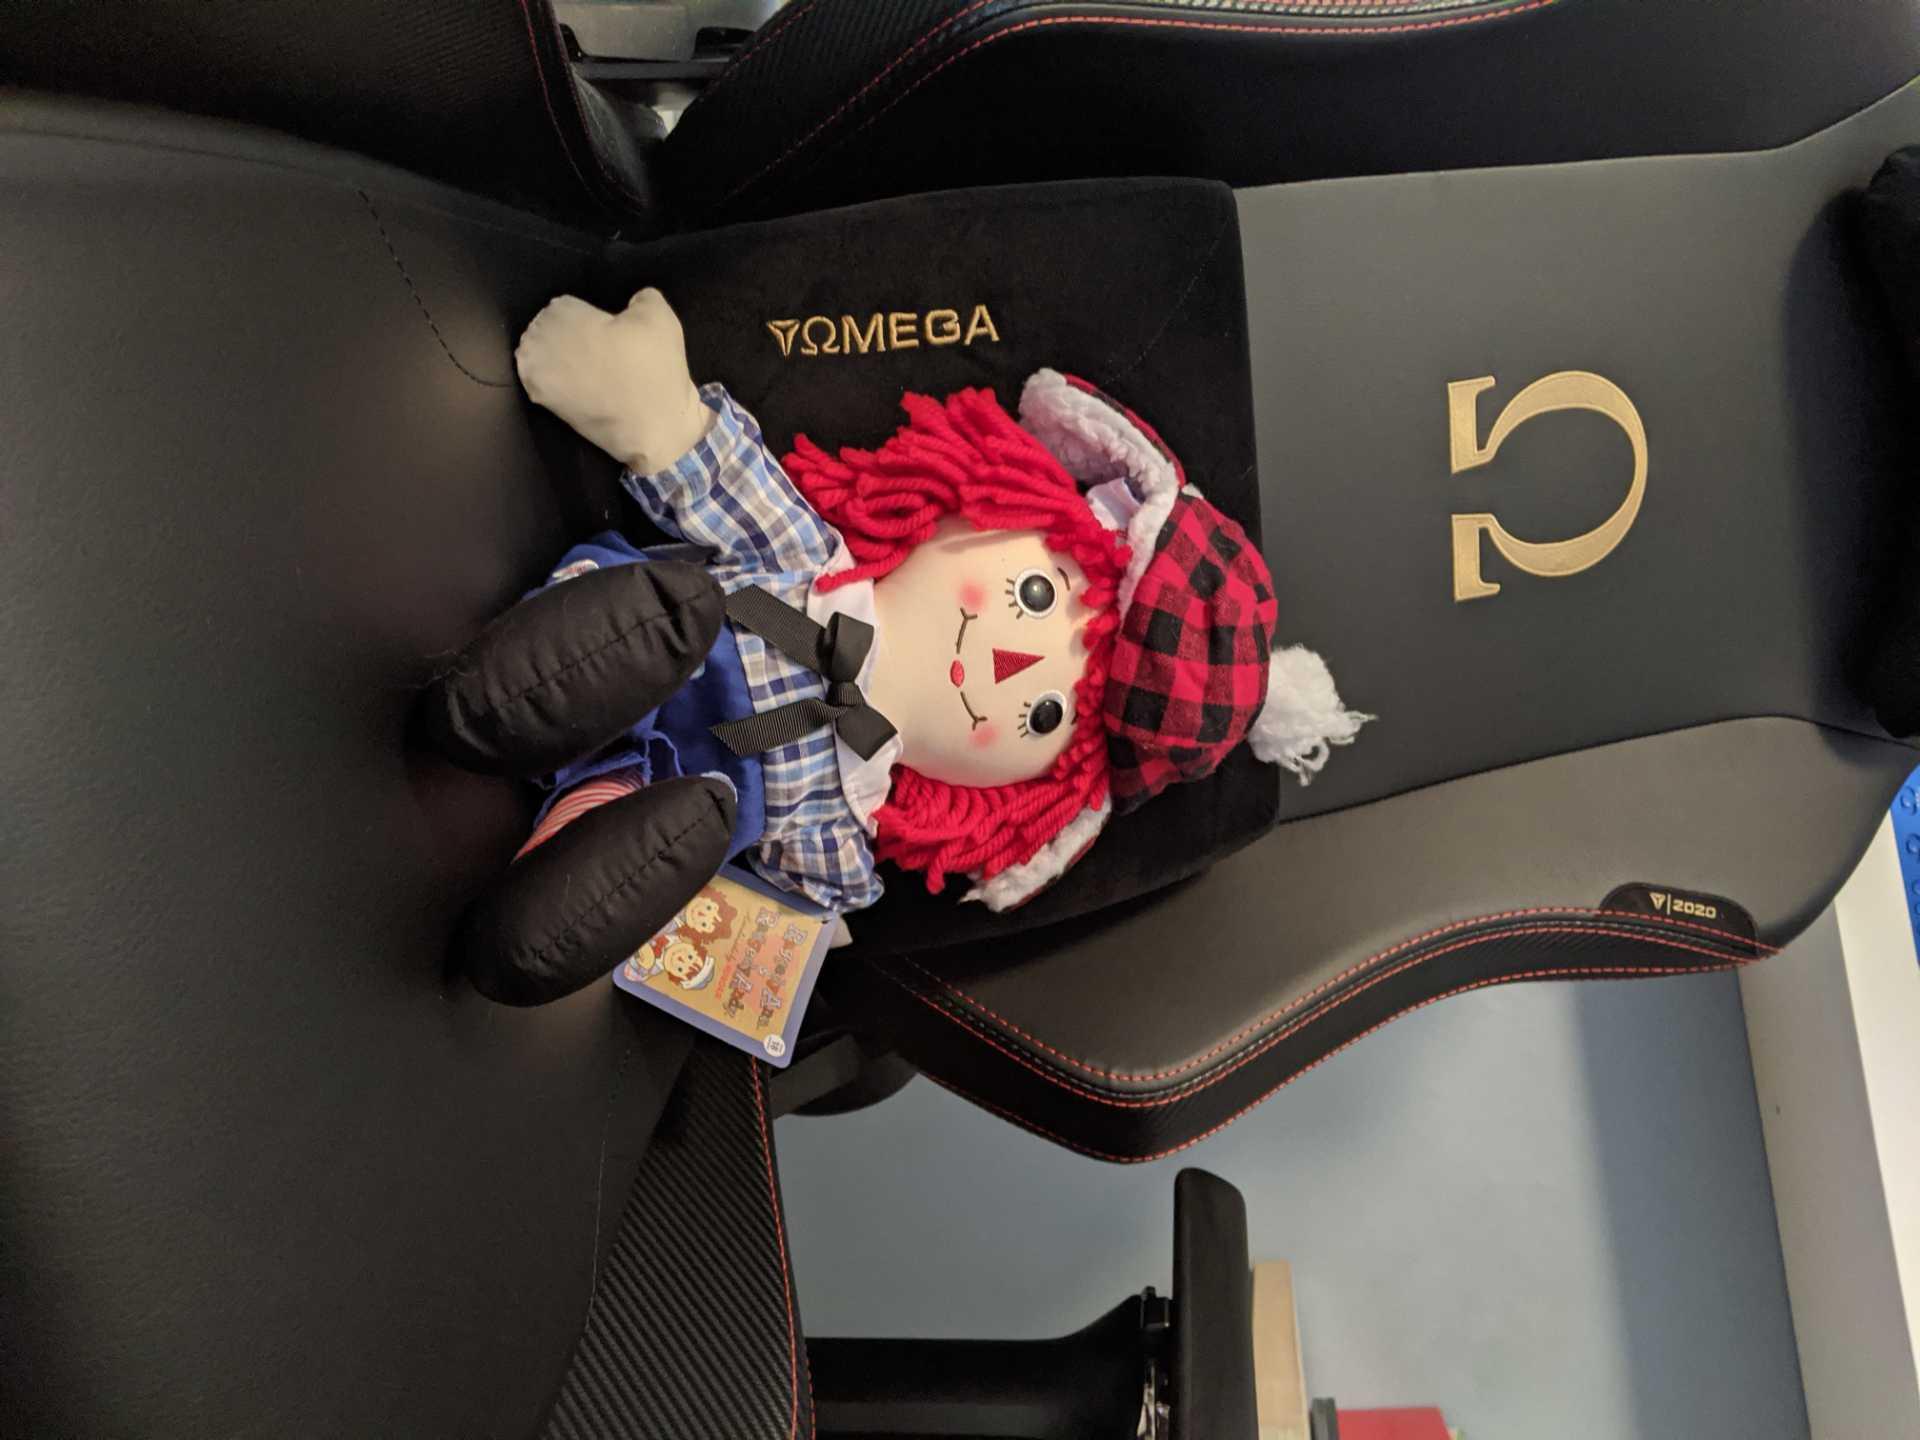 A Raggedy Ann doll in a desk chair. Photo courtesy of Maxwell Hughes.